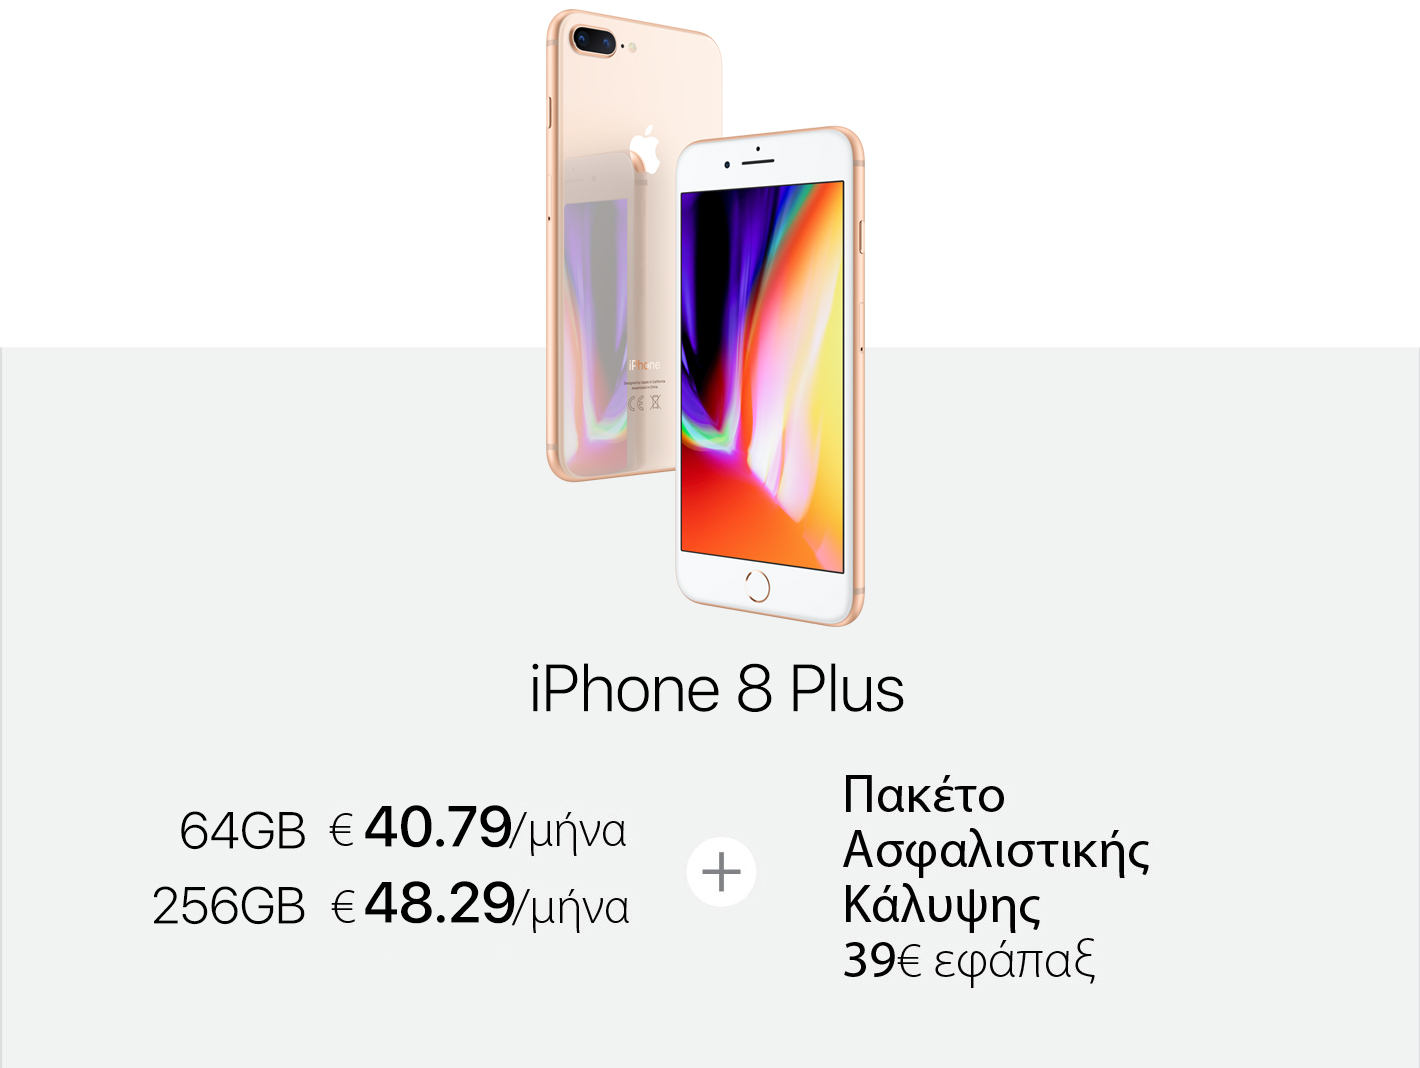 Χαμηλή μηνιαία δόση iPhone 8 Plus